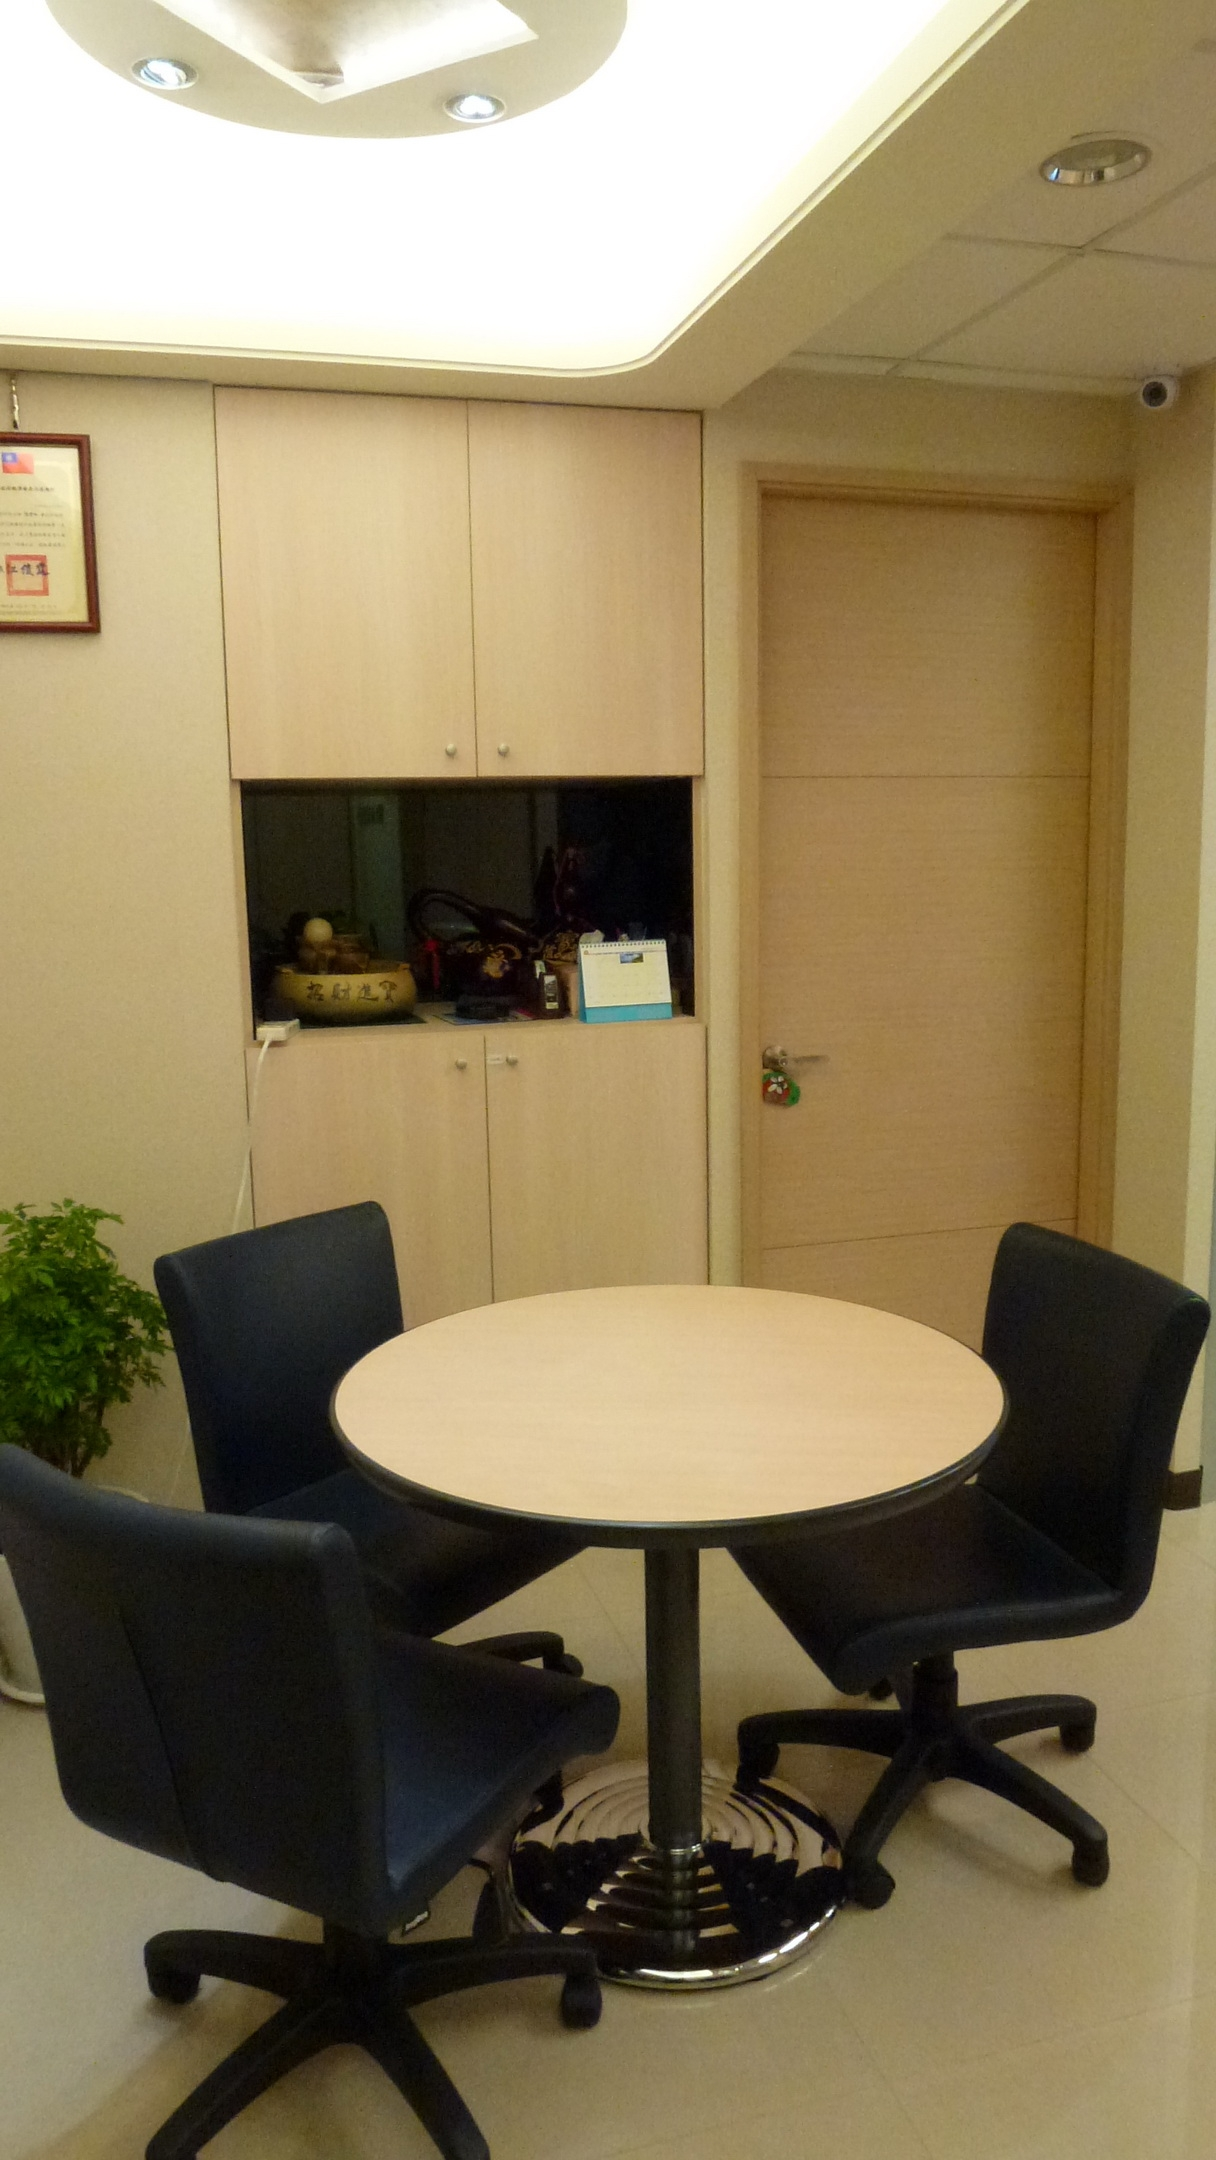 貝萊德林會計師事務所辦公室一隅